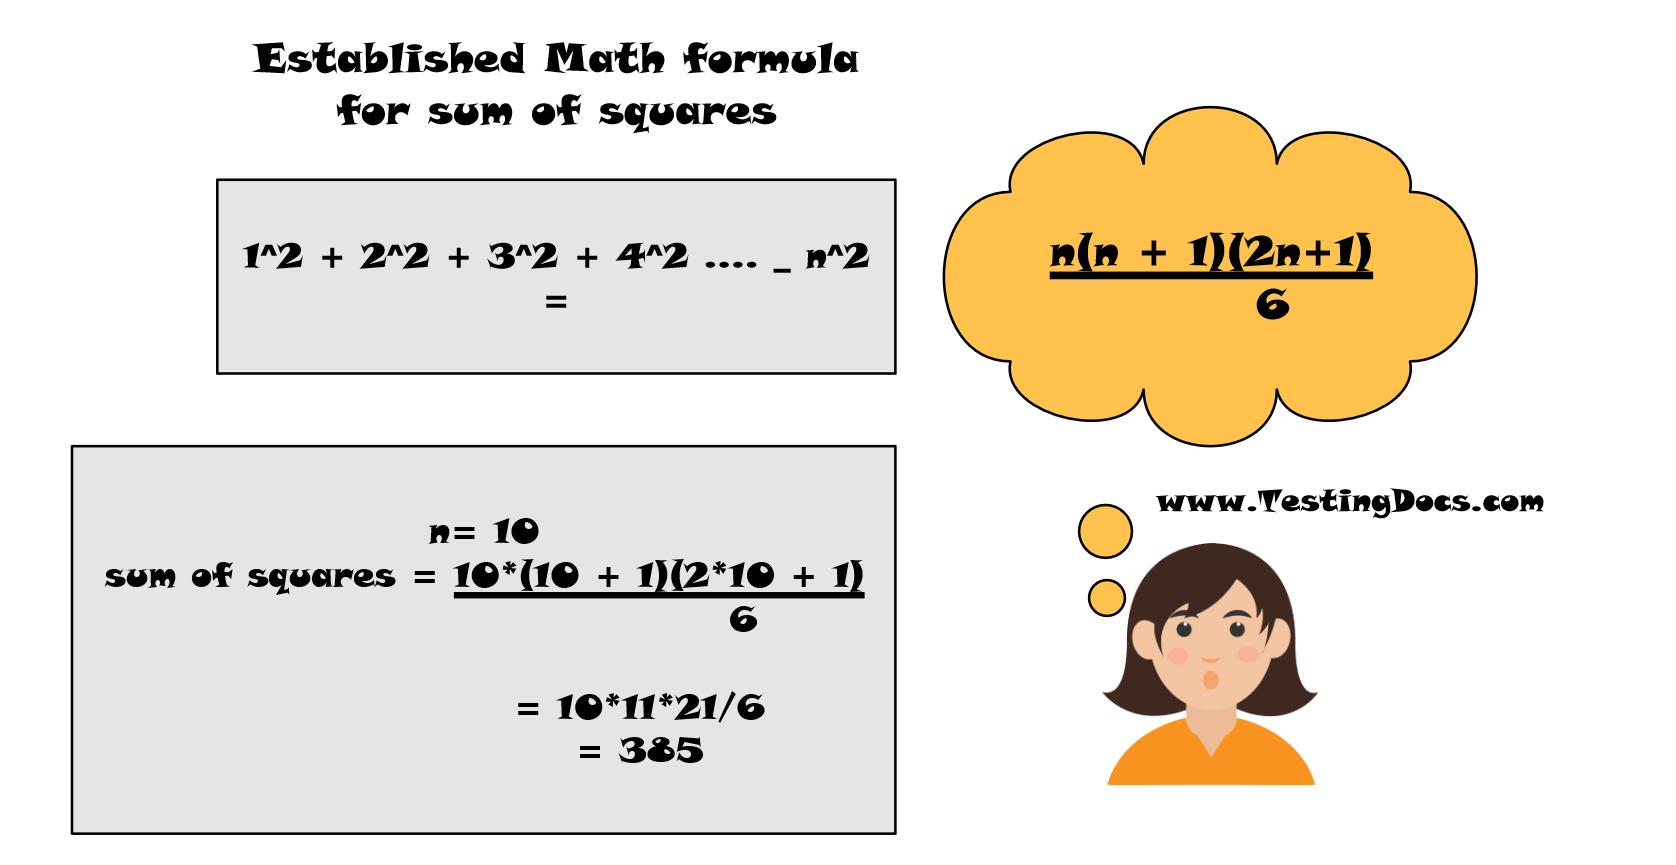 Sum of Squares Math Formula